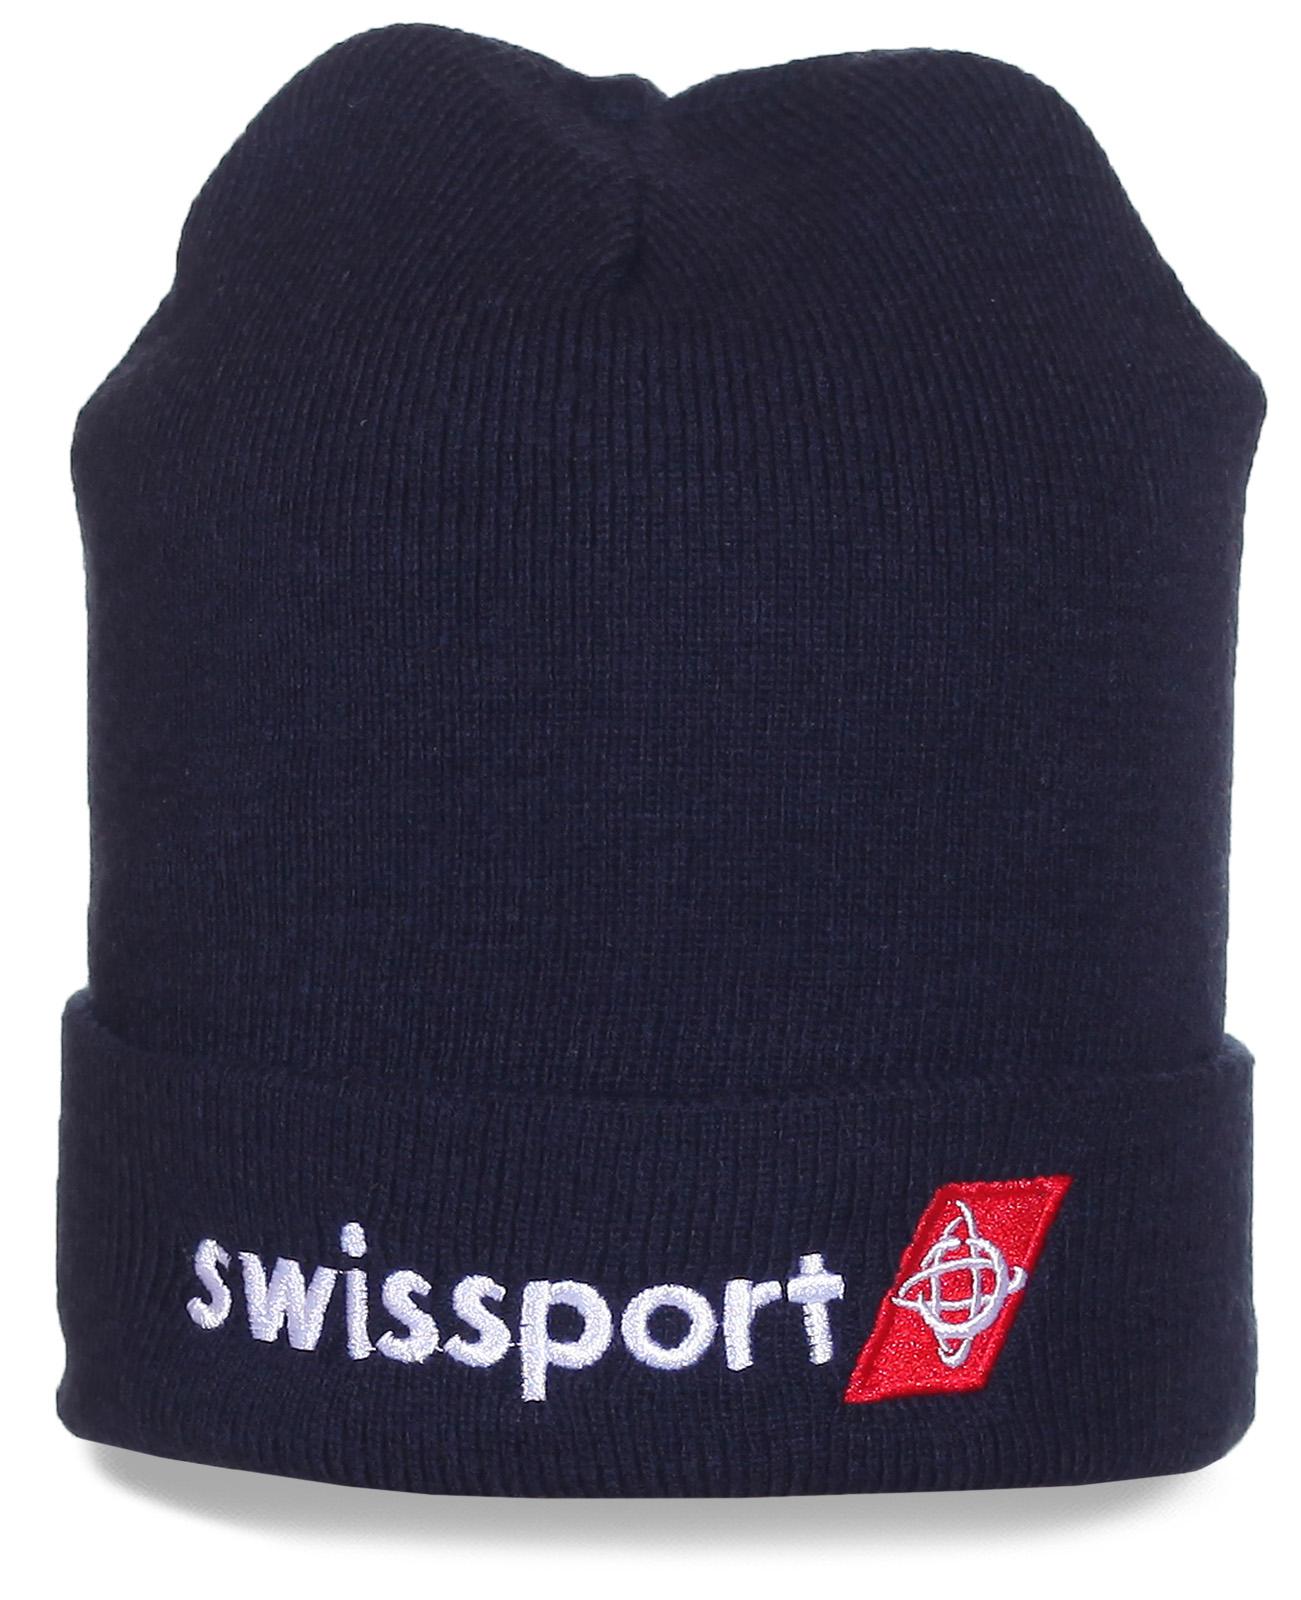 Модная шапка Swissport - выбор спортивных людей